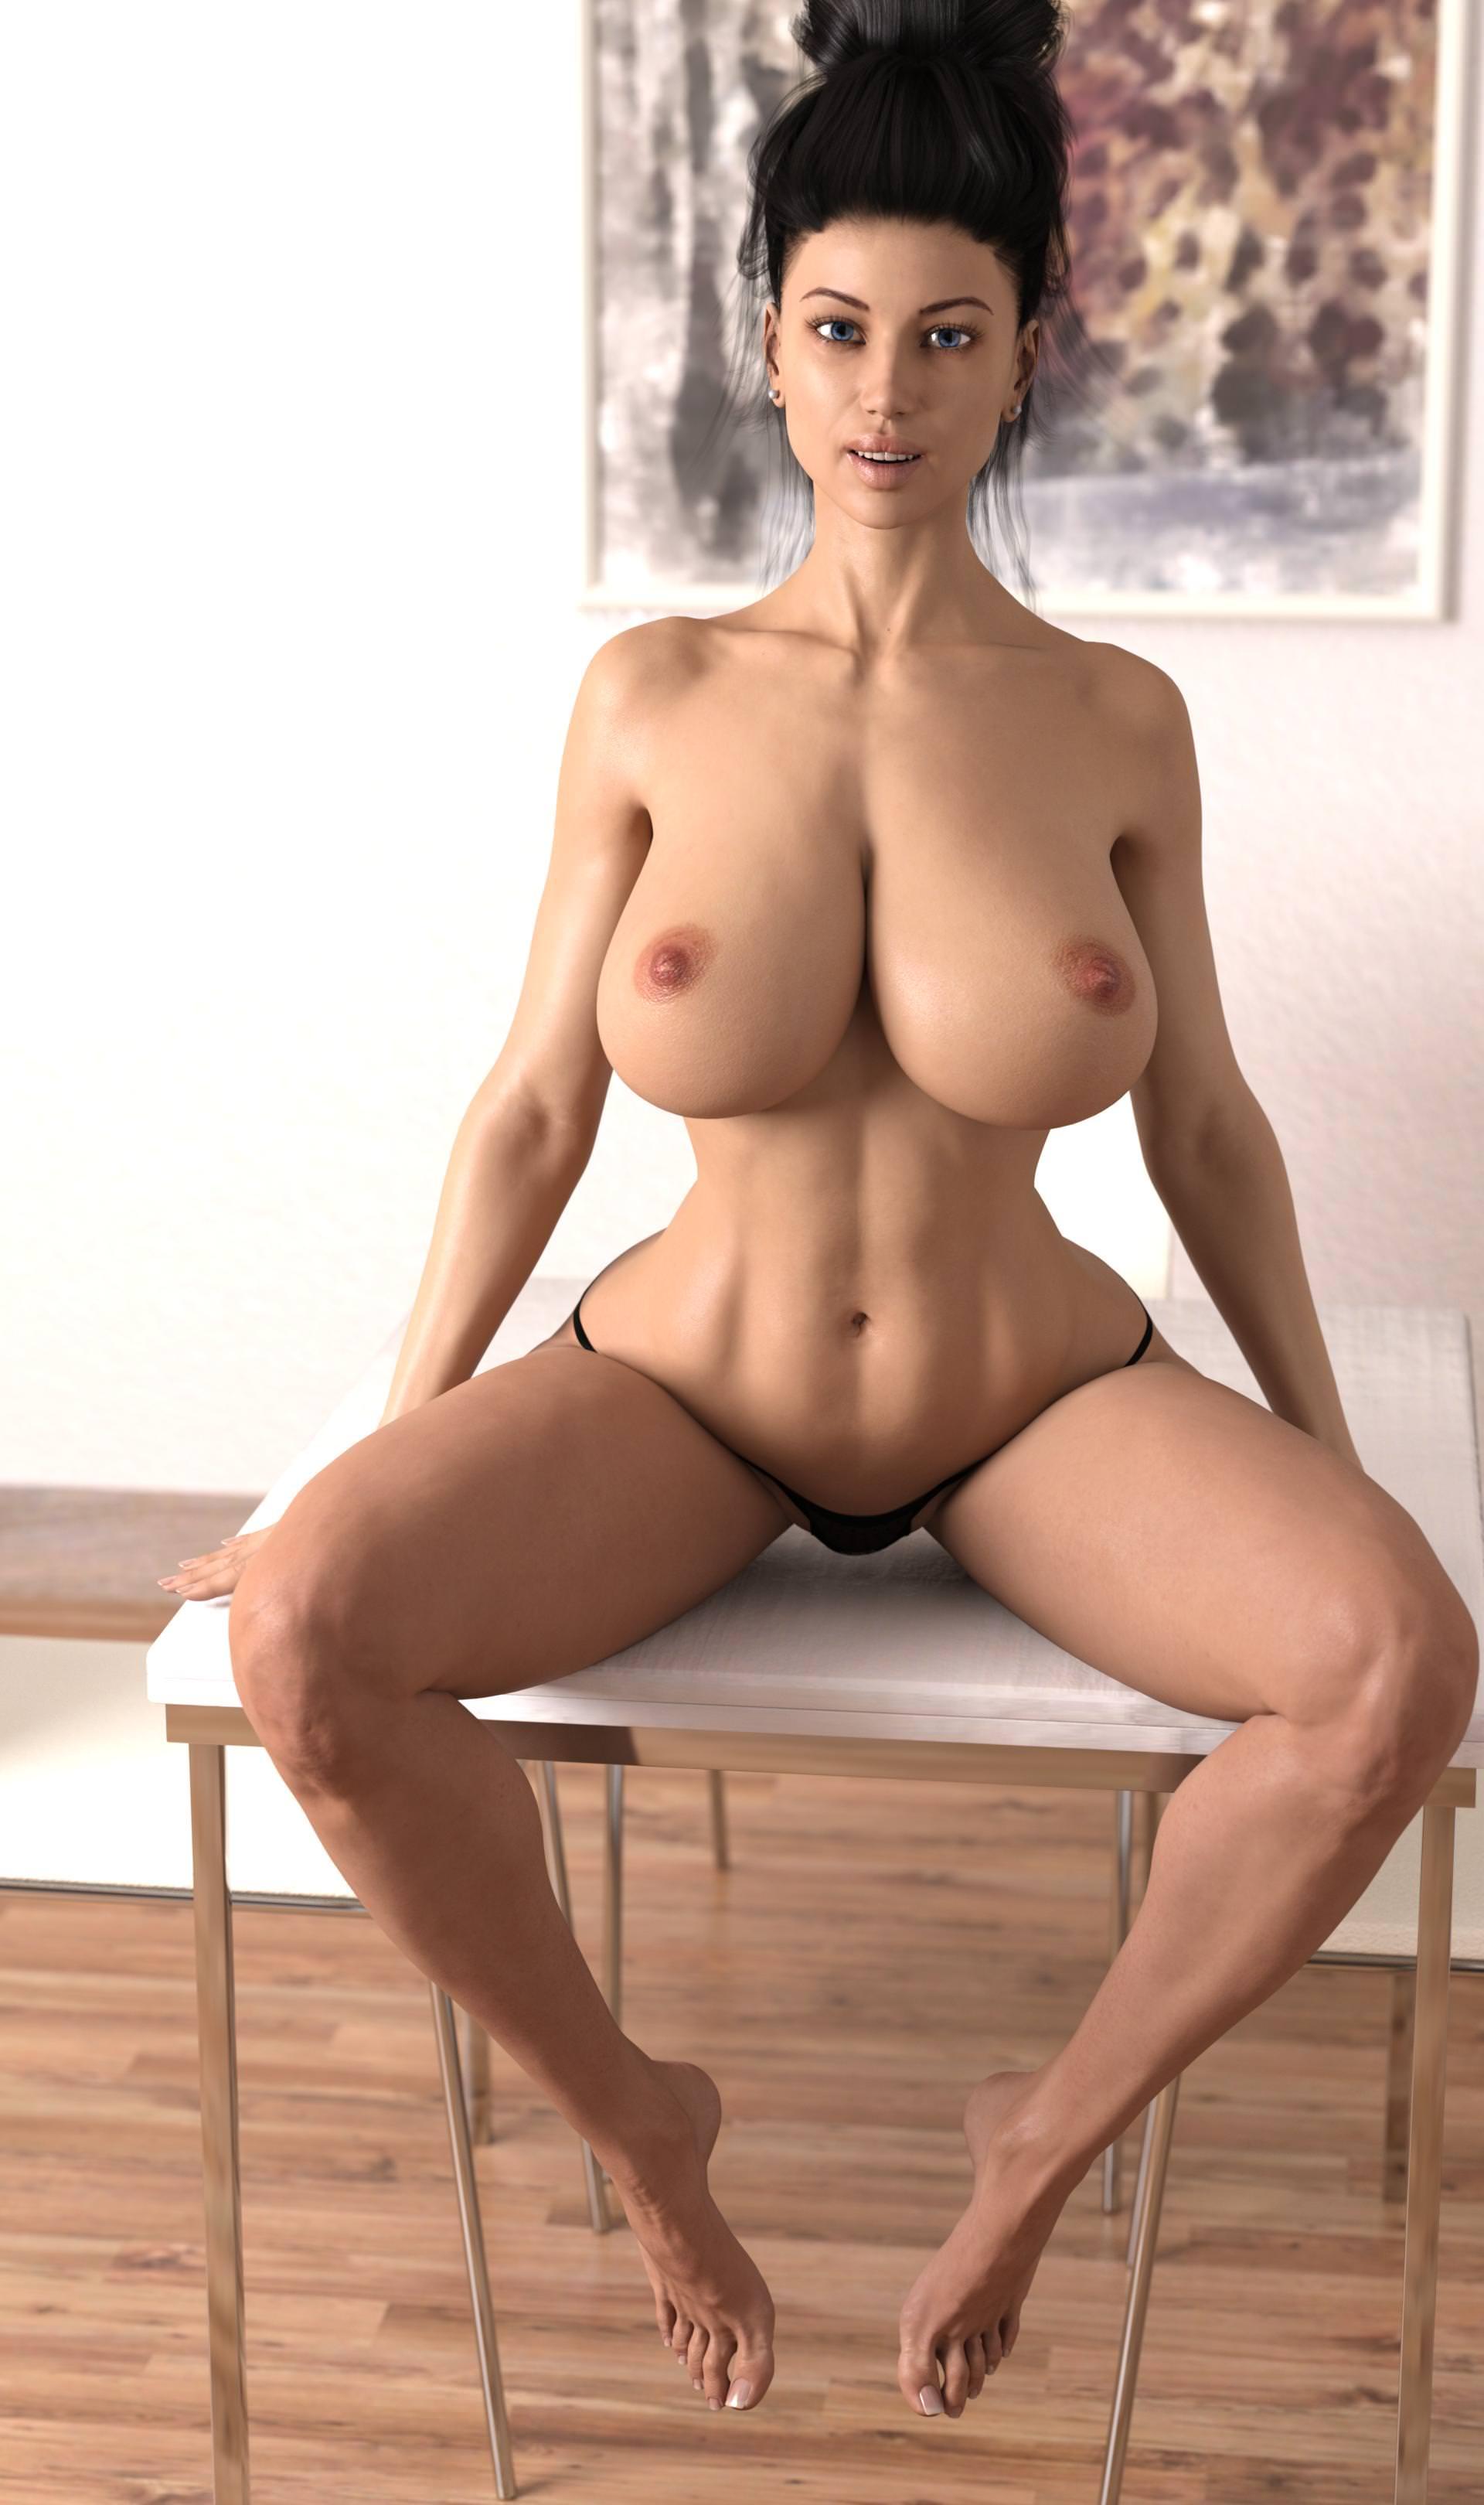 Порно ролик милф 777 мом энд аунт